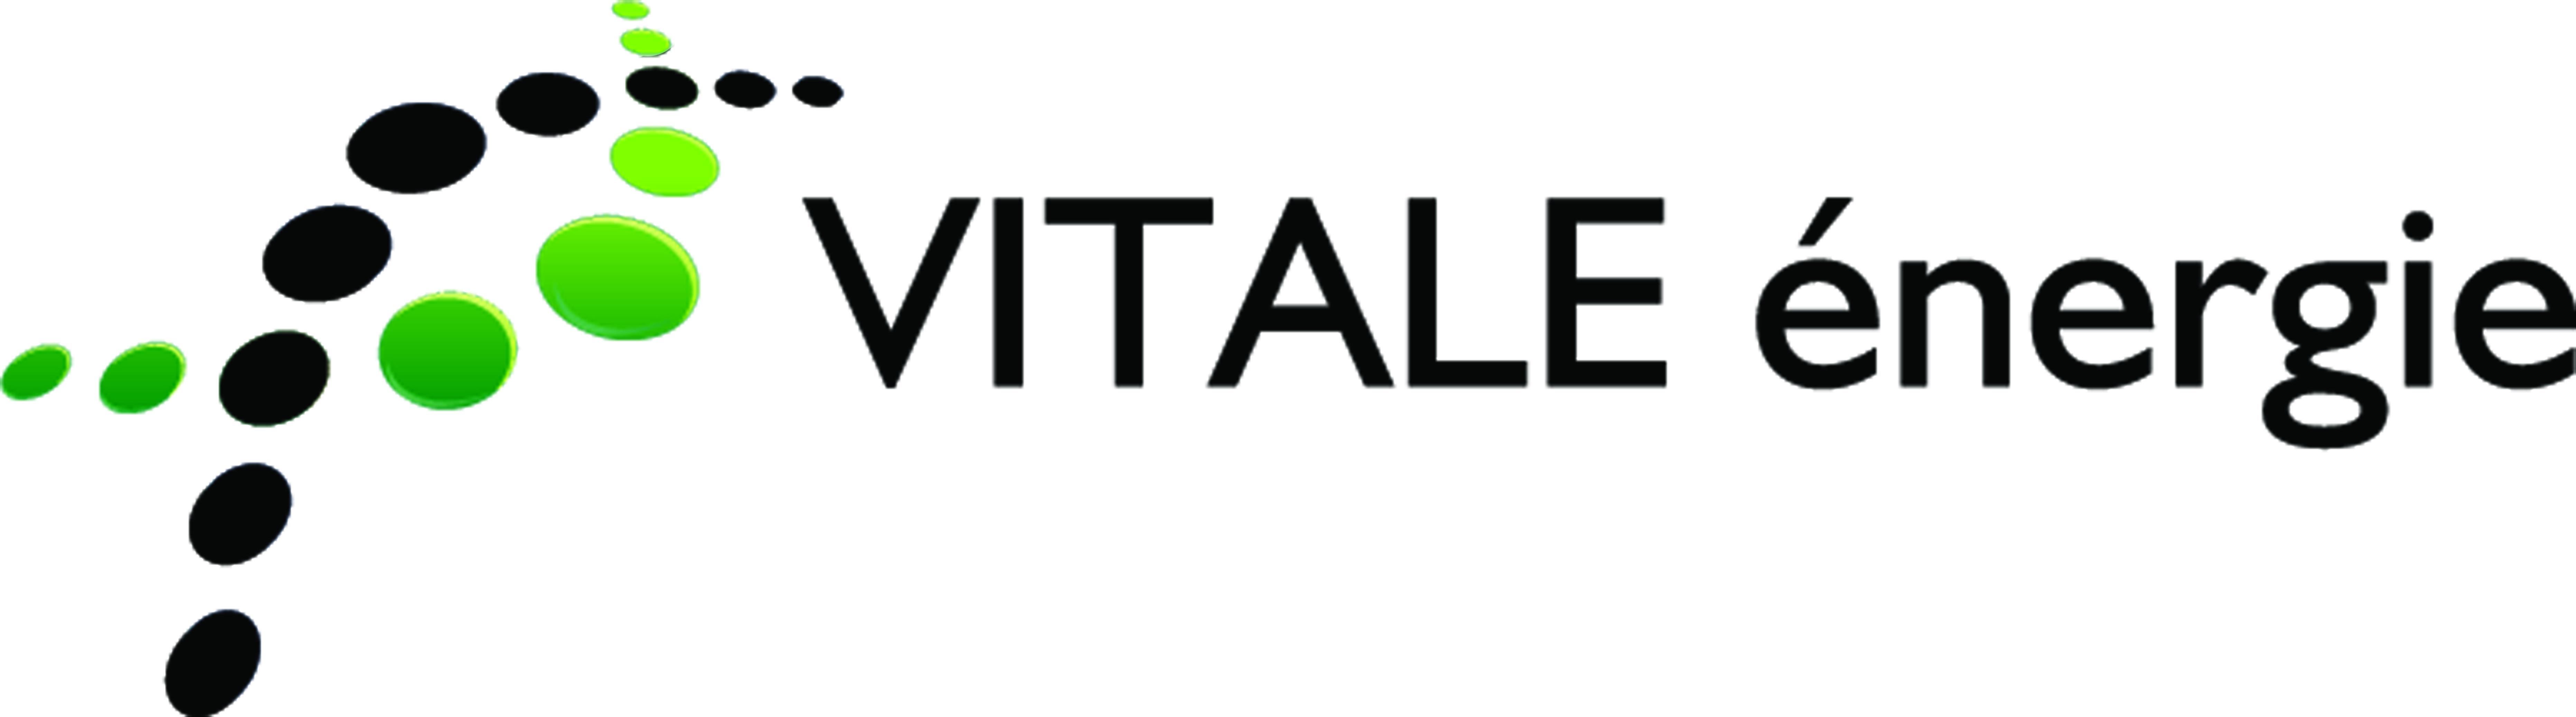 Vitale Energie Vente Installation et entretien de Pompe à chaleur, climatisation et remplacement de chaudière à 68 Wittelsheim, Richwiller, Cernay, Mulhouse